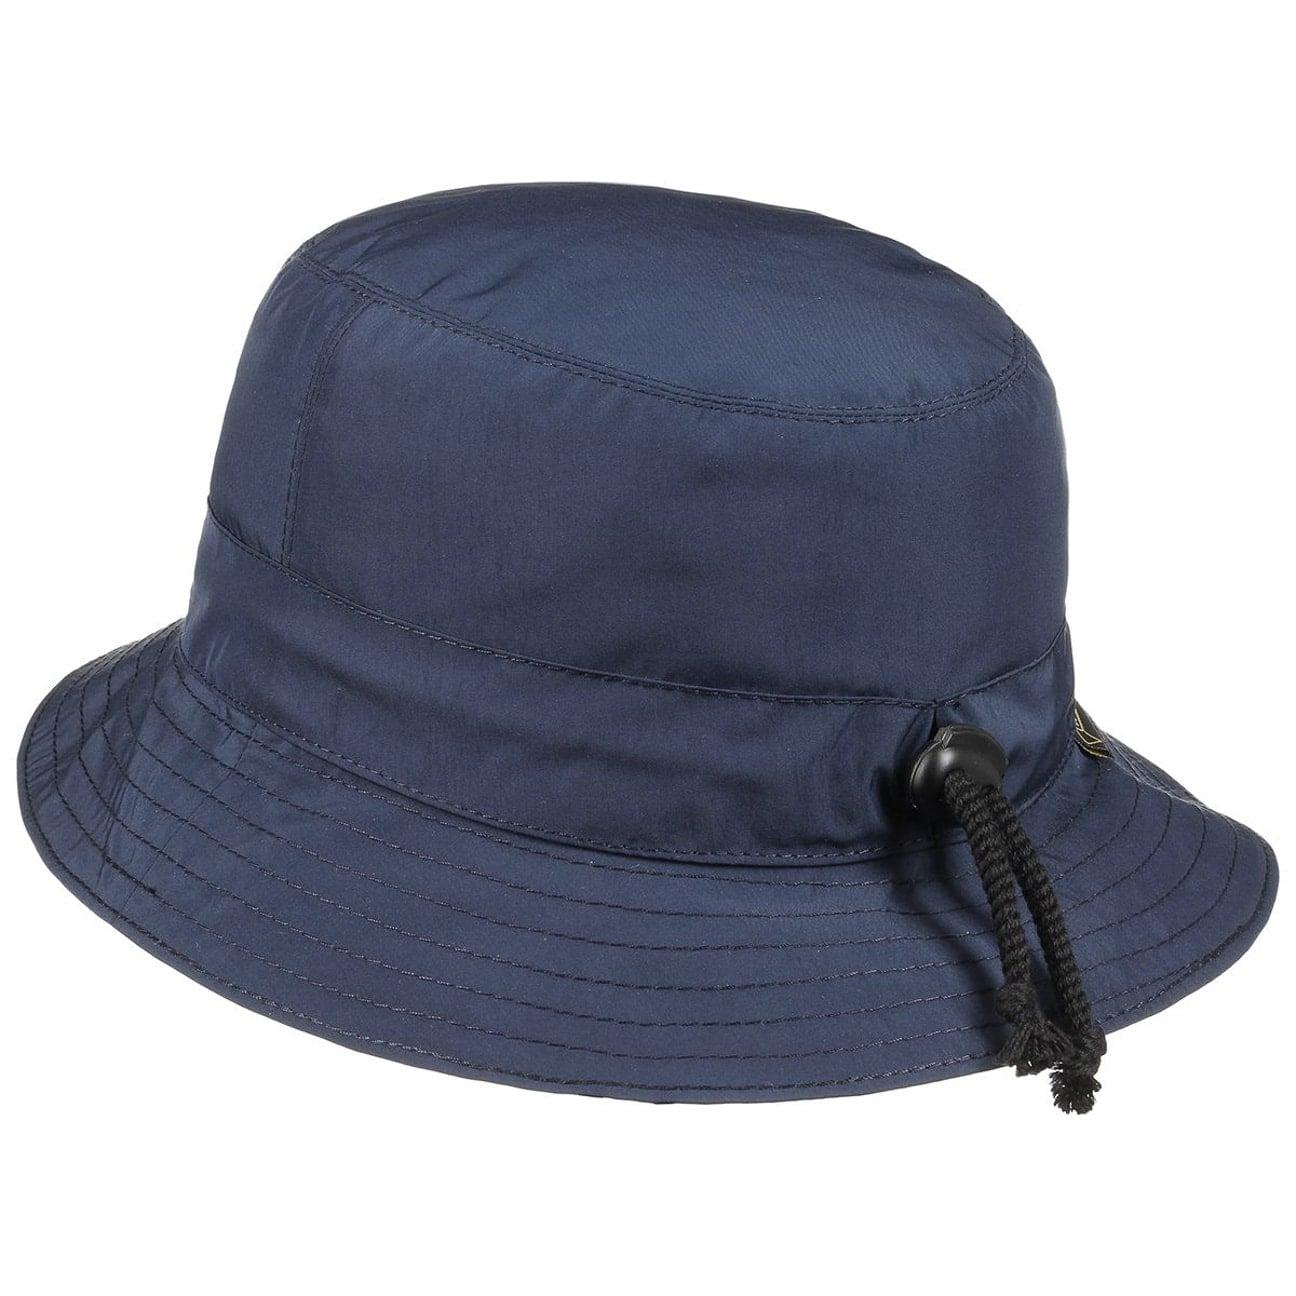 Gore tex light rain hat lierys eur hats caps jpg 1296x1296 Navy blue rain  hat 51f52f5d5b6d